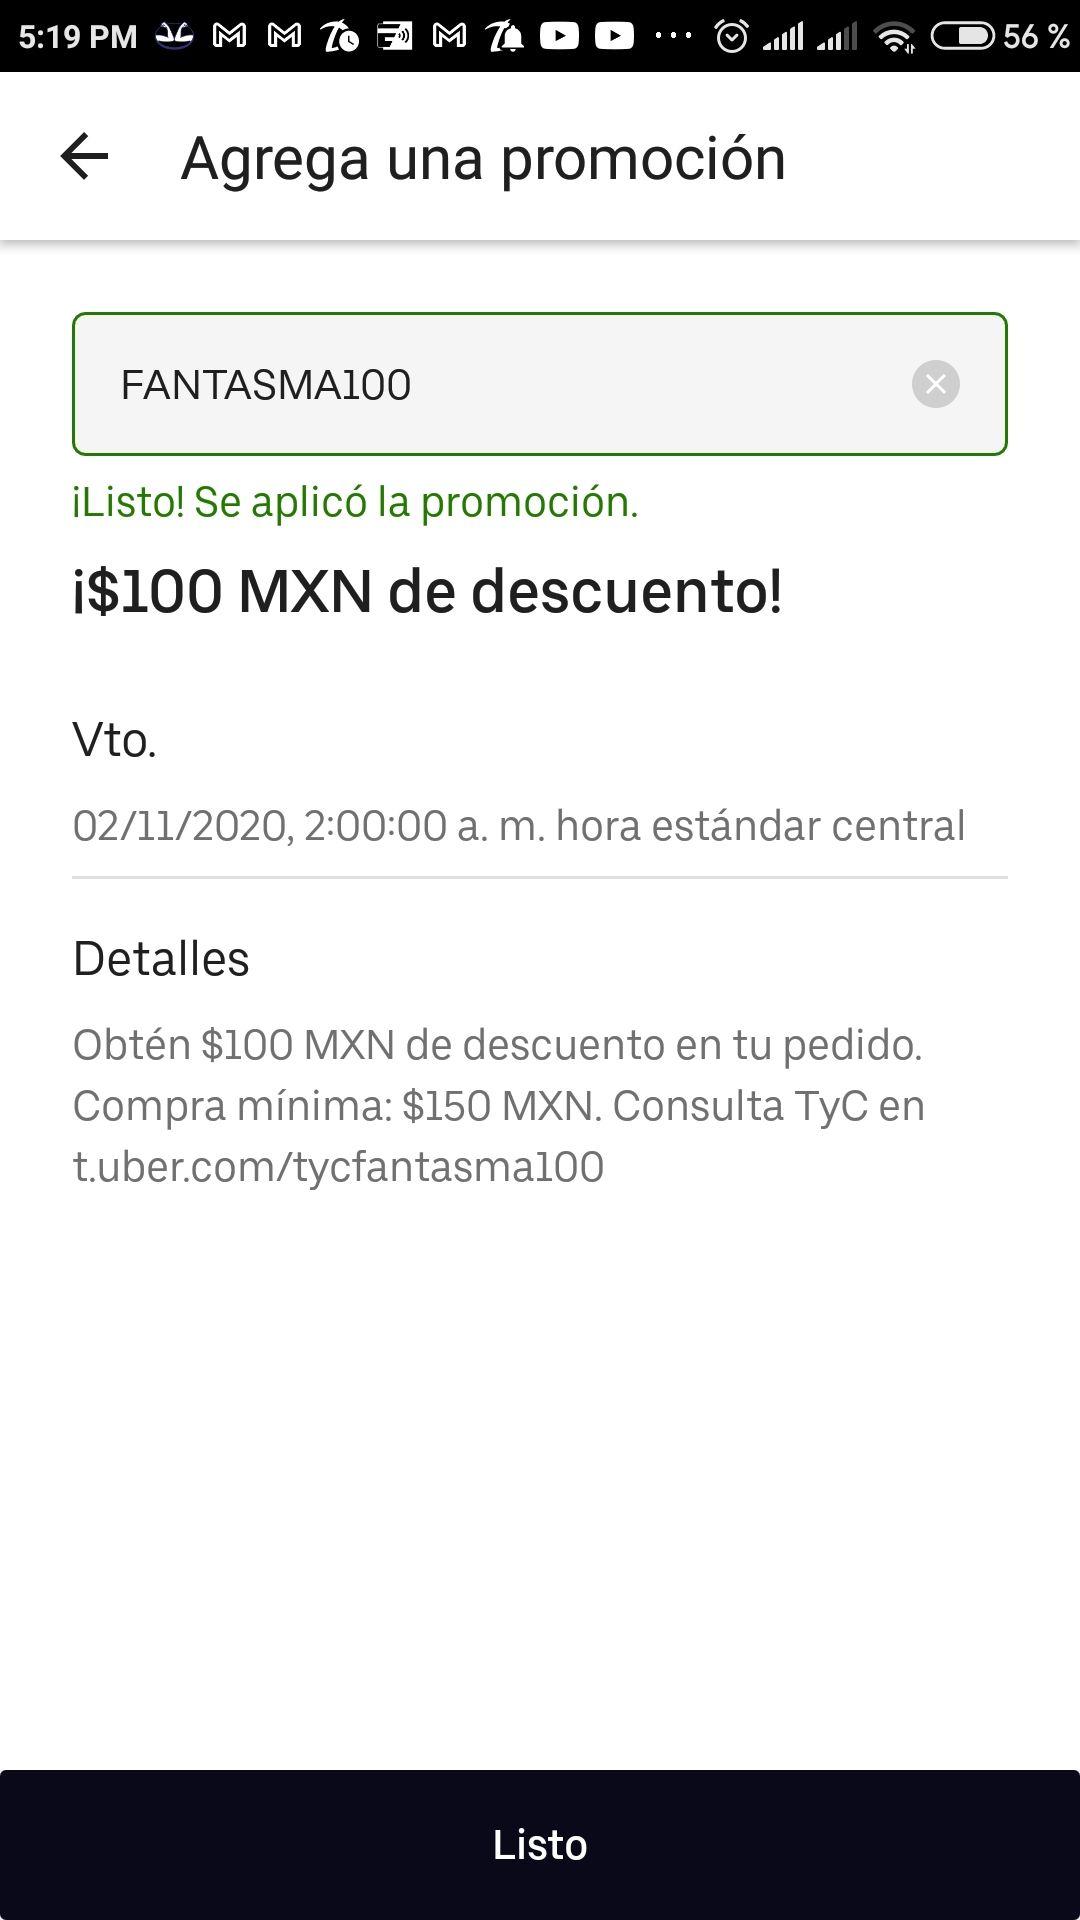 Uber Eats: $100 de descuento en compras mínimas de $150 (usuarios seleccionados)